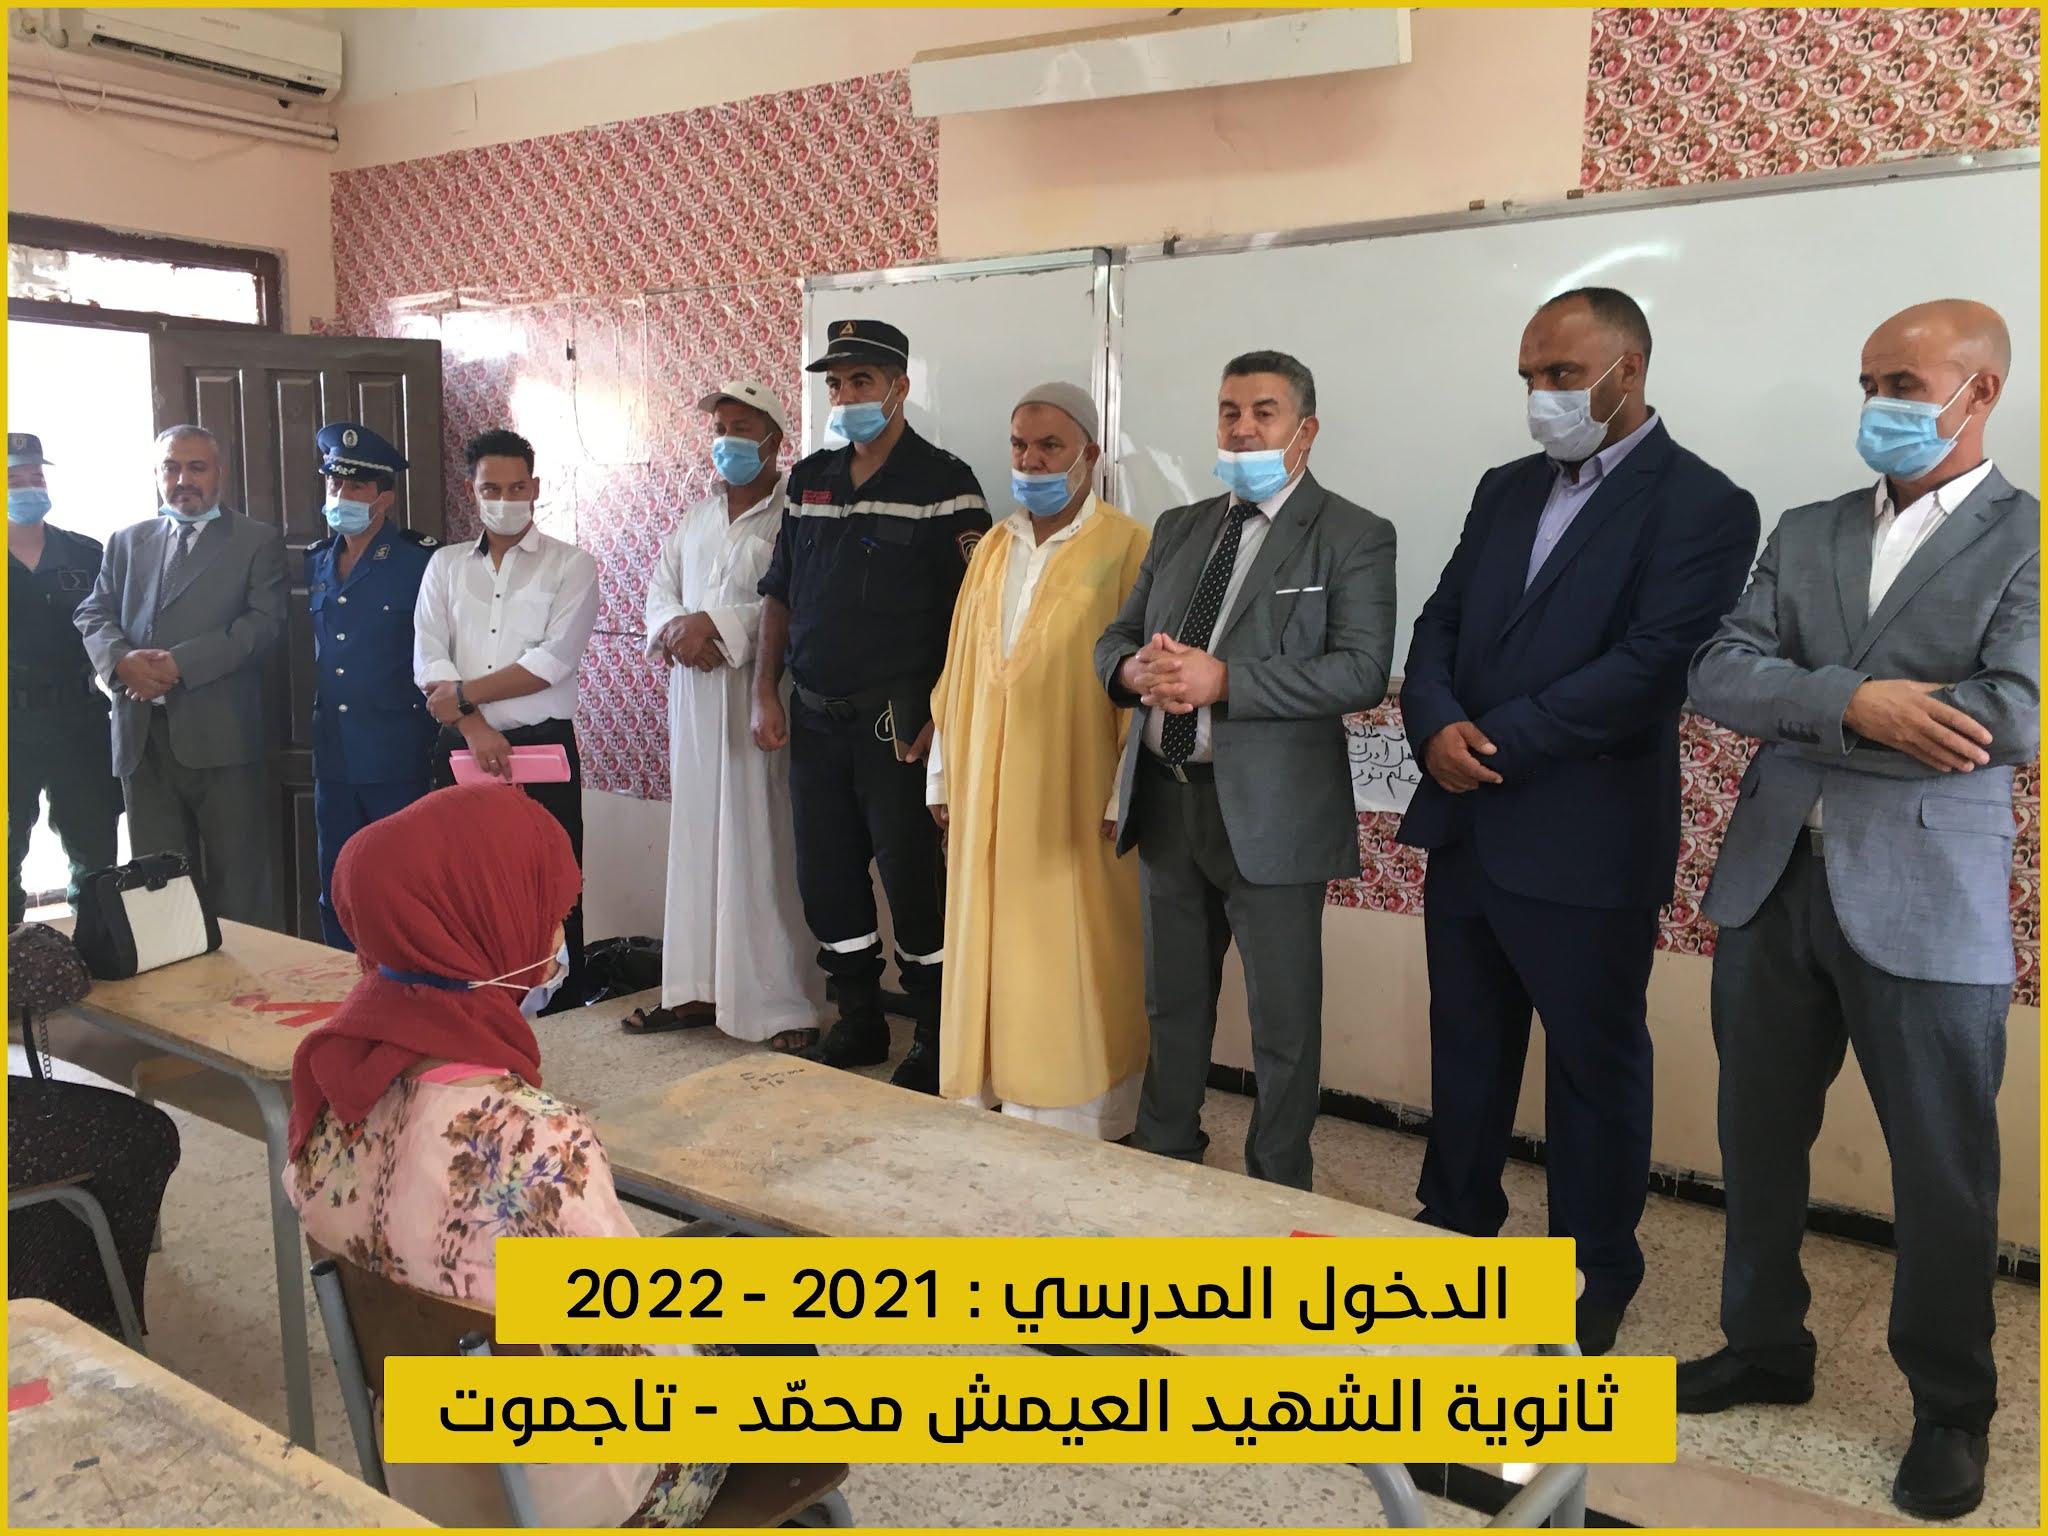 انطلاق السنة الدراسية 2021-2022